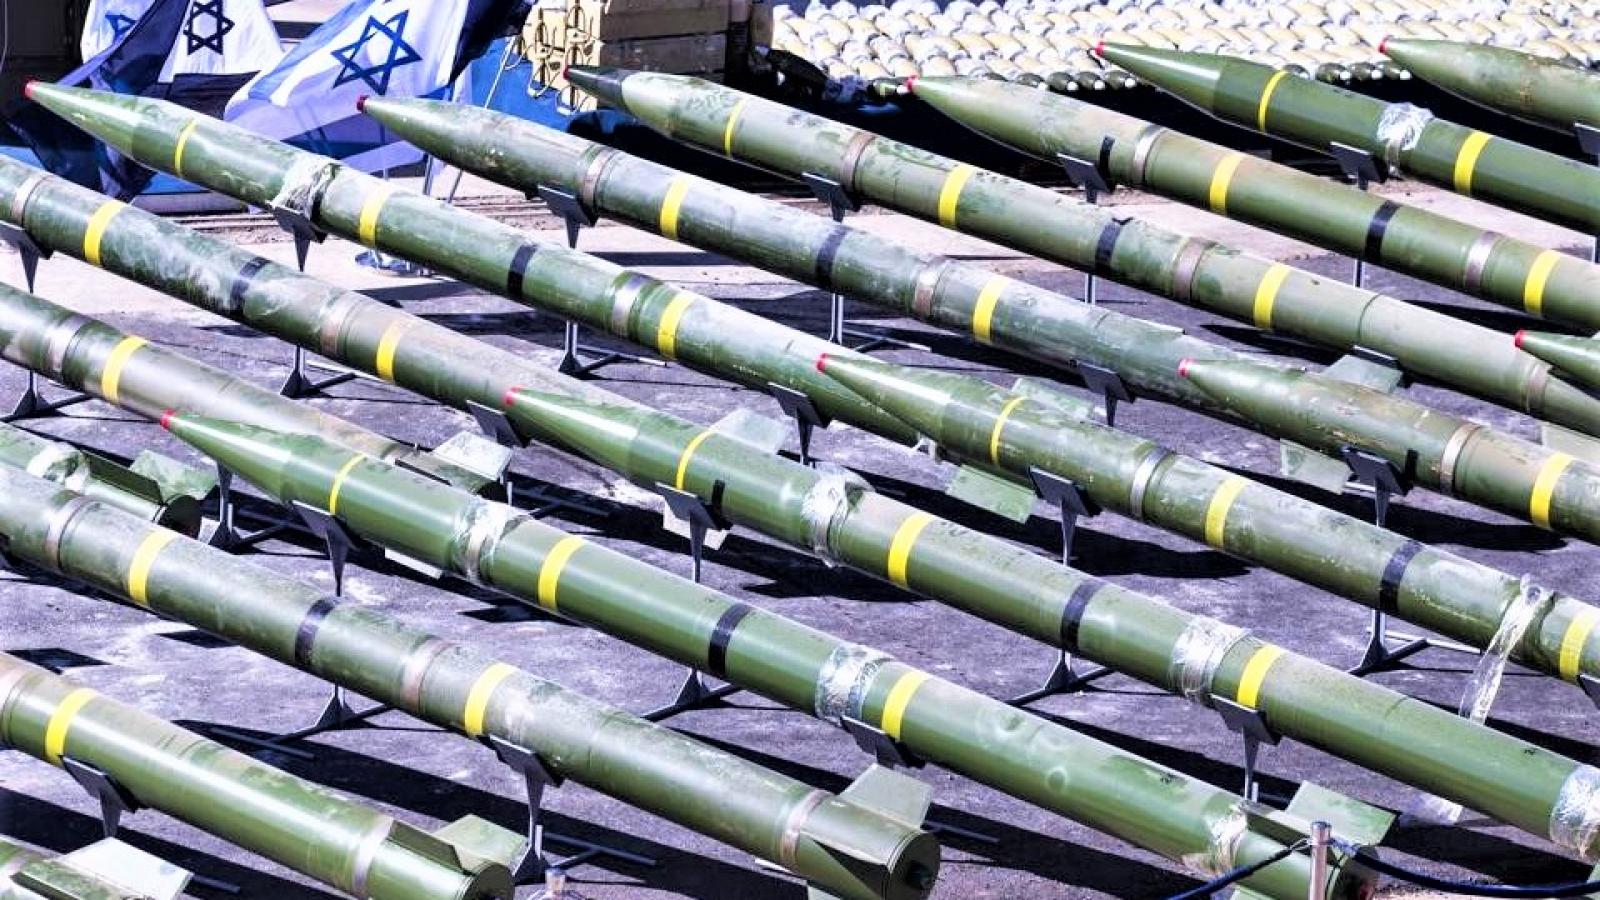 Kho vũ khí Hamas đã định hình cuộc chiến ở Gaza mới đây như thế nào?